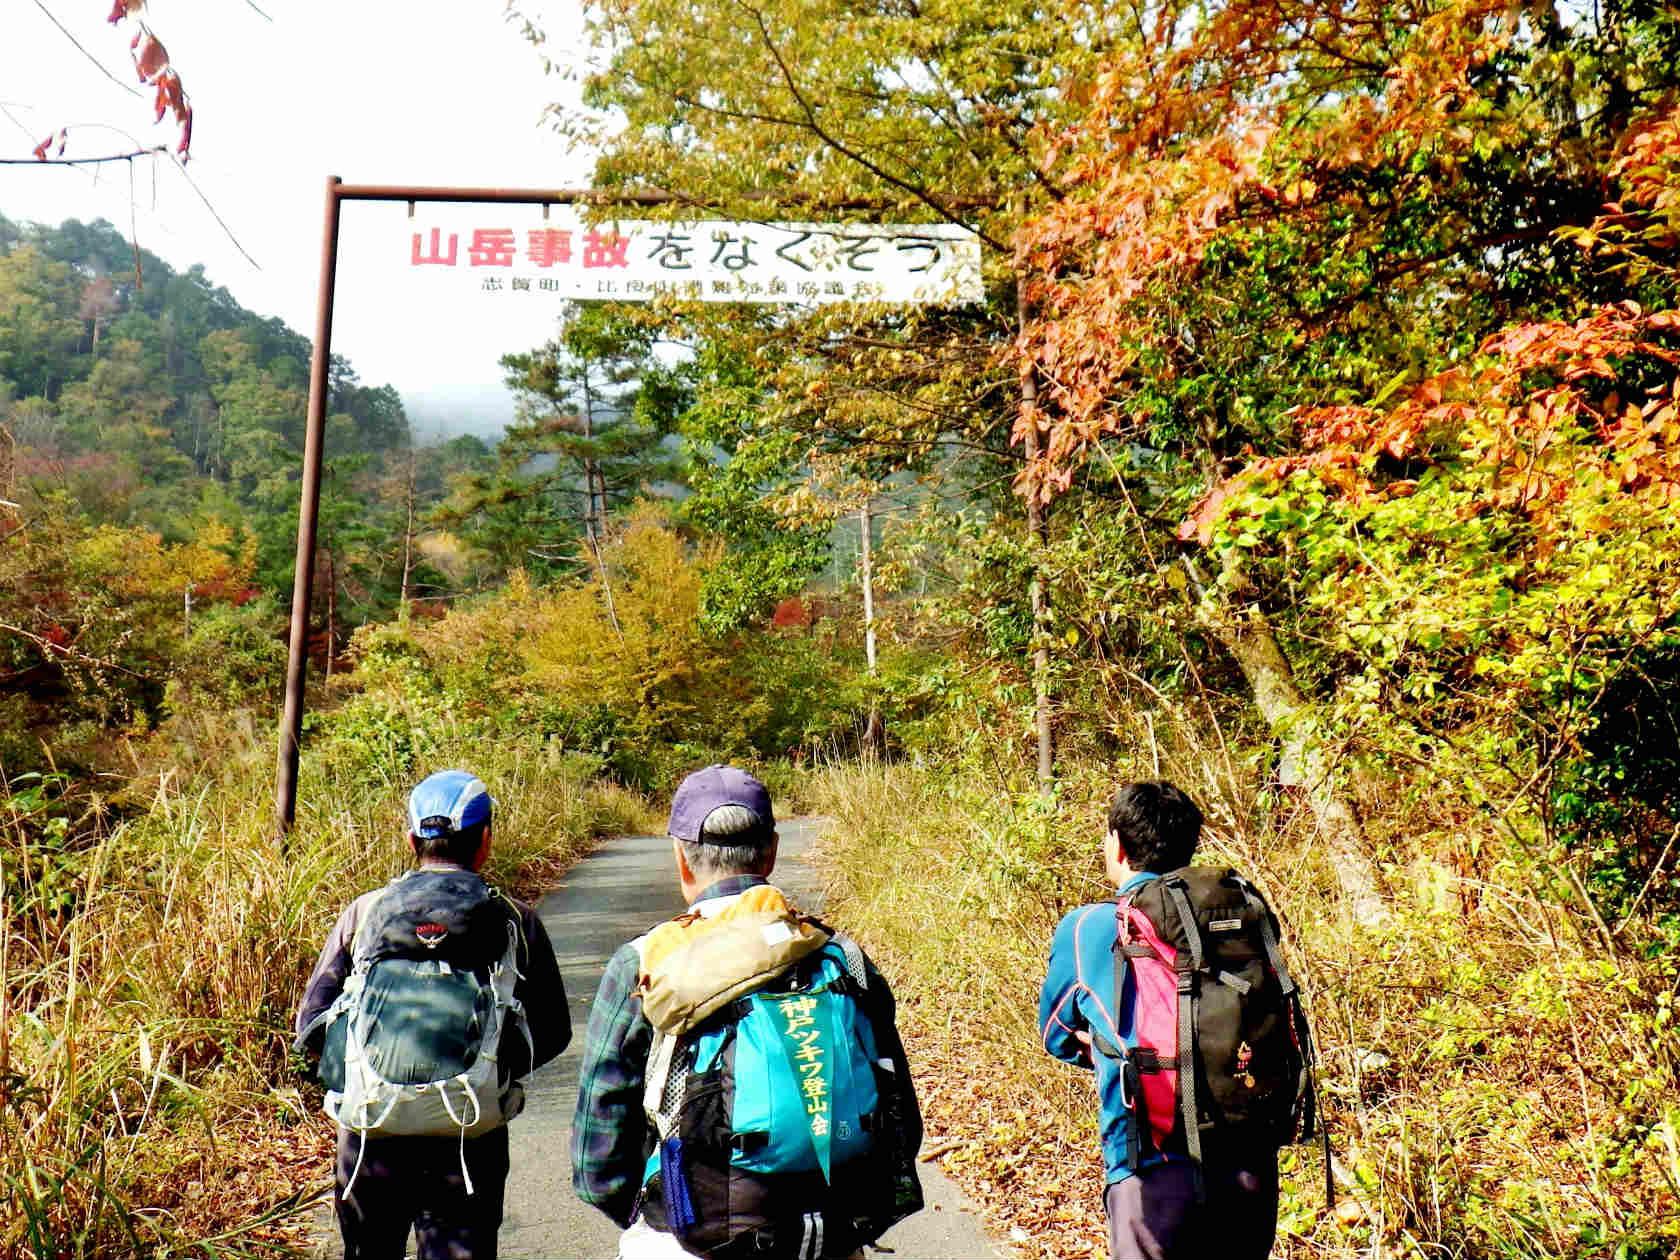 02b 登山口を登り始める